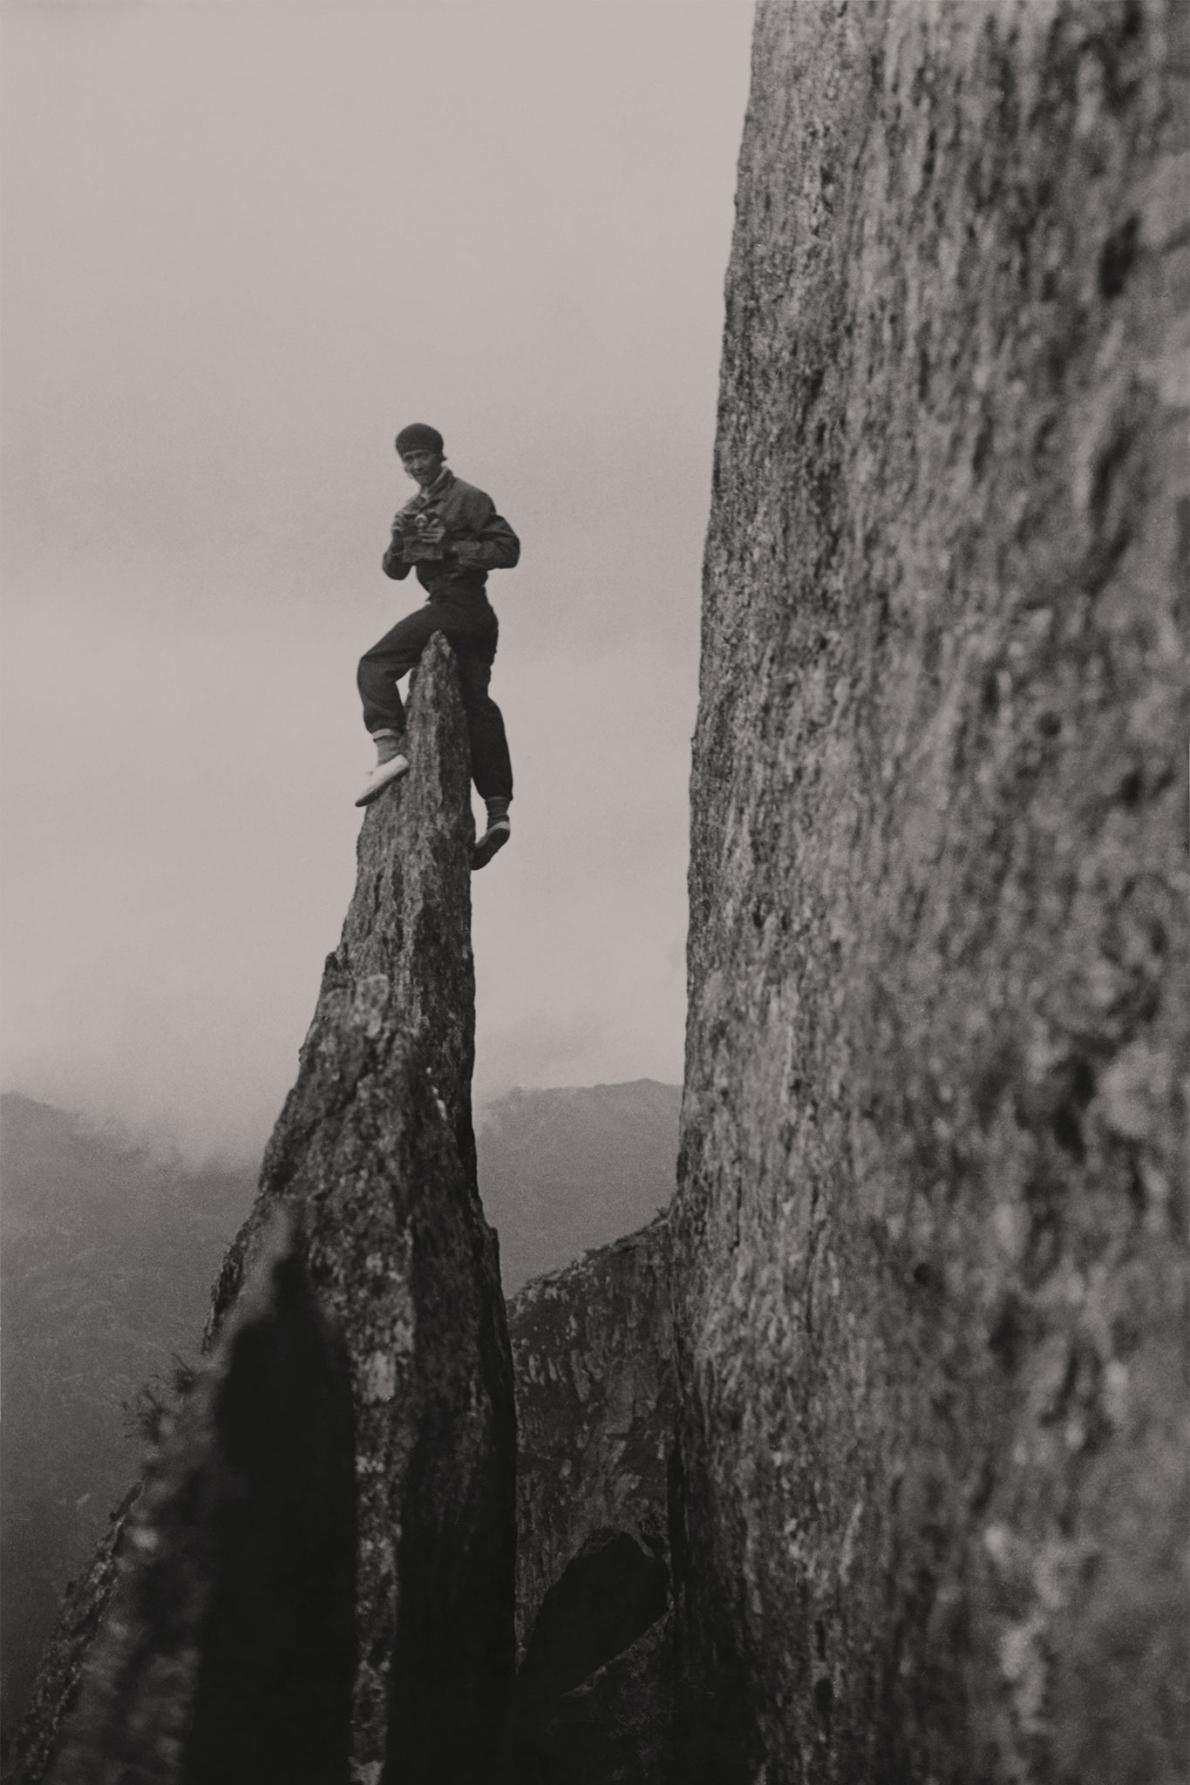 Miriam O'Brien apoia-se sobre o pináculo de uma formação rochosa em Chamonix Aiguilles.